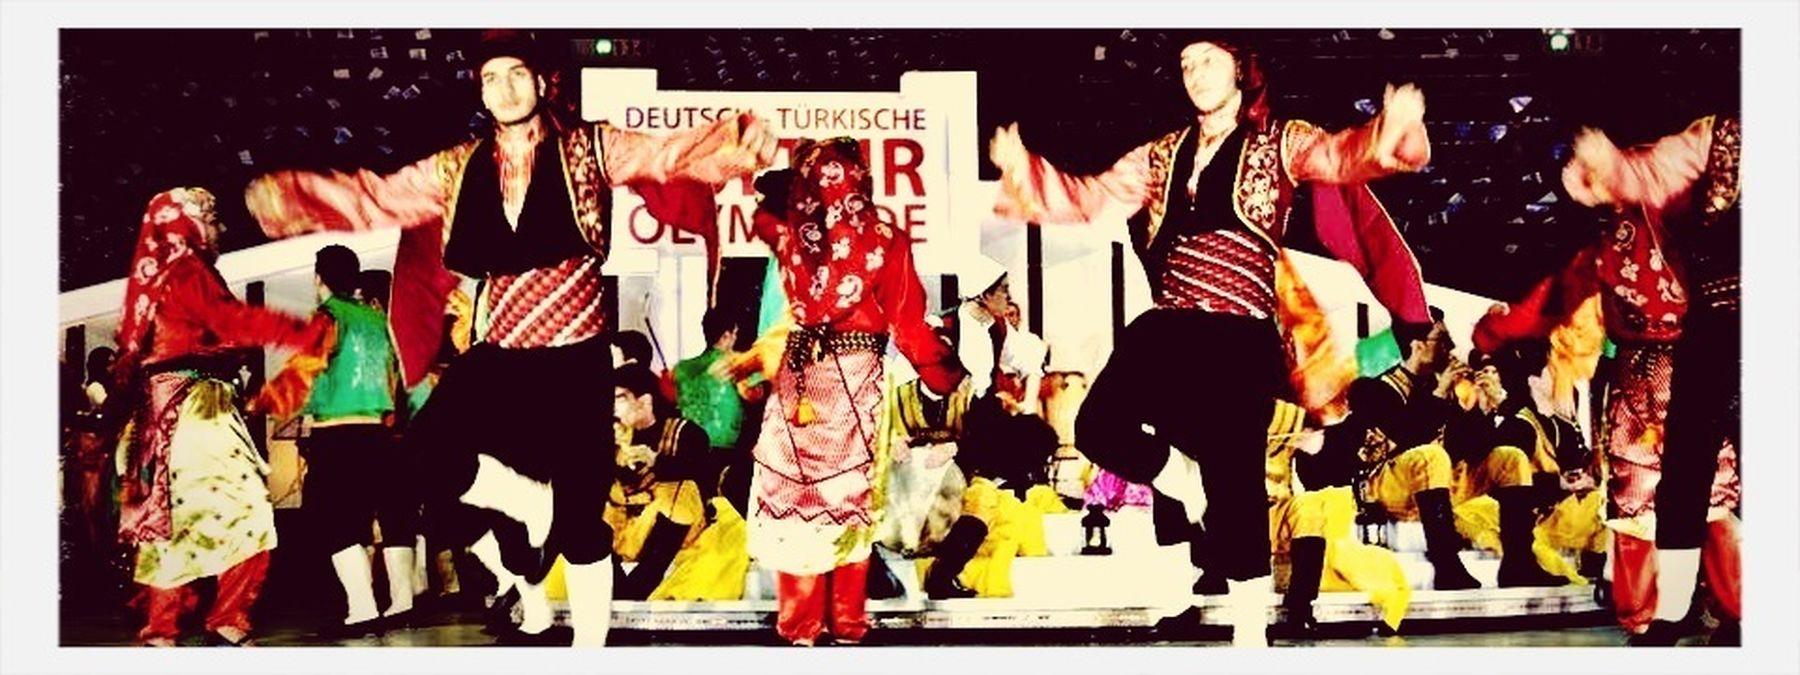 DTKO Westfalenhalle Kulturfest Phoenix Tho